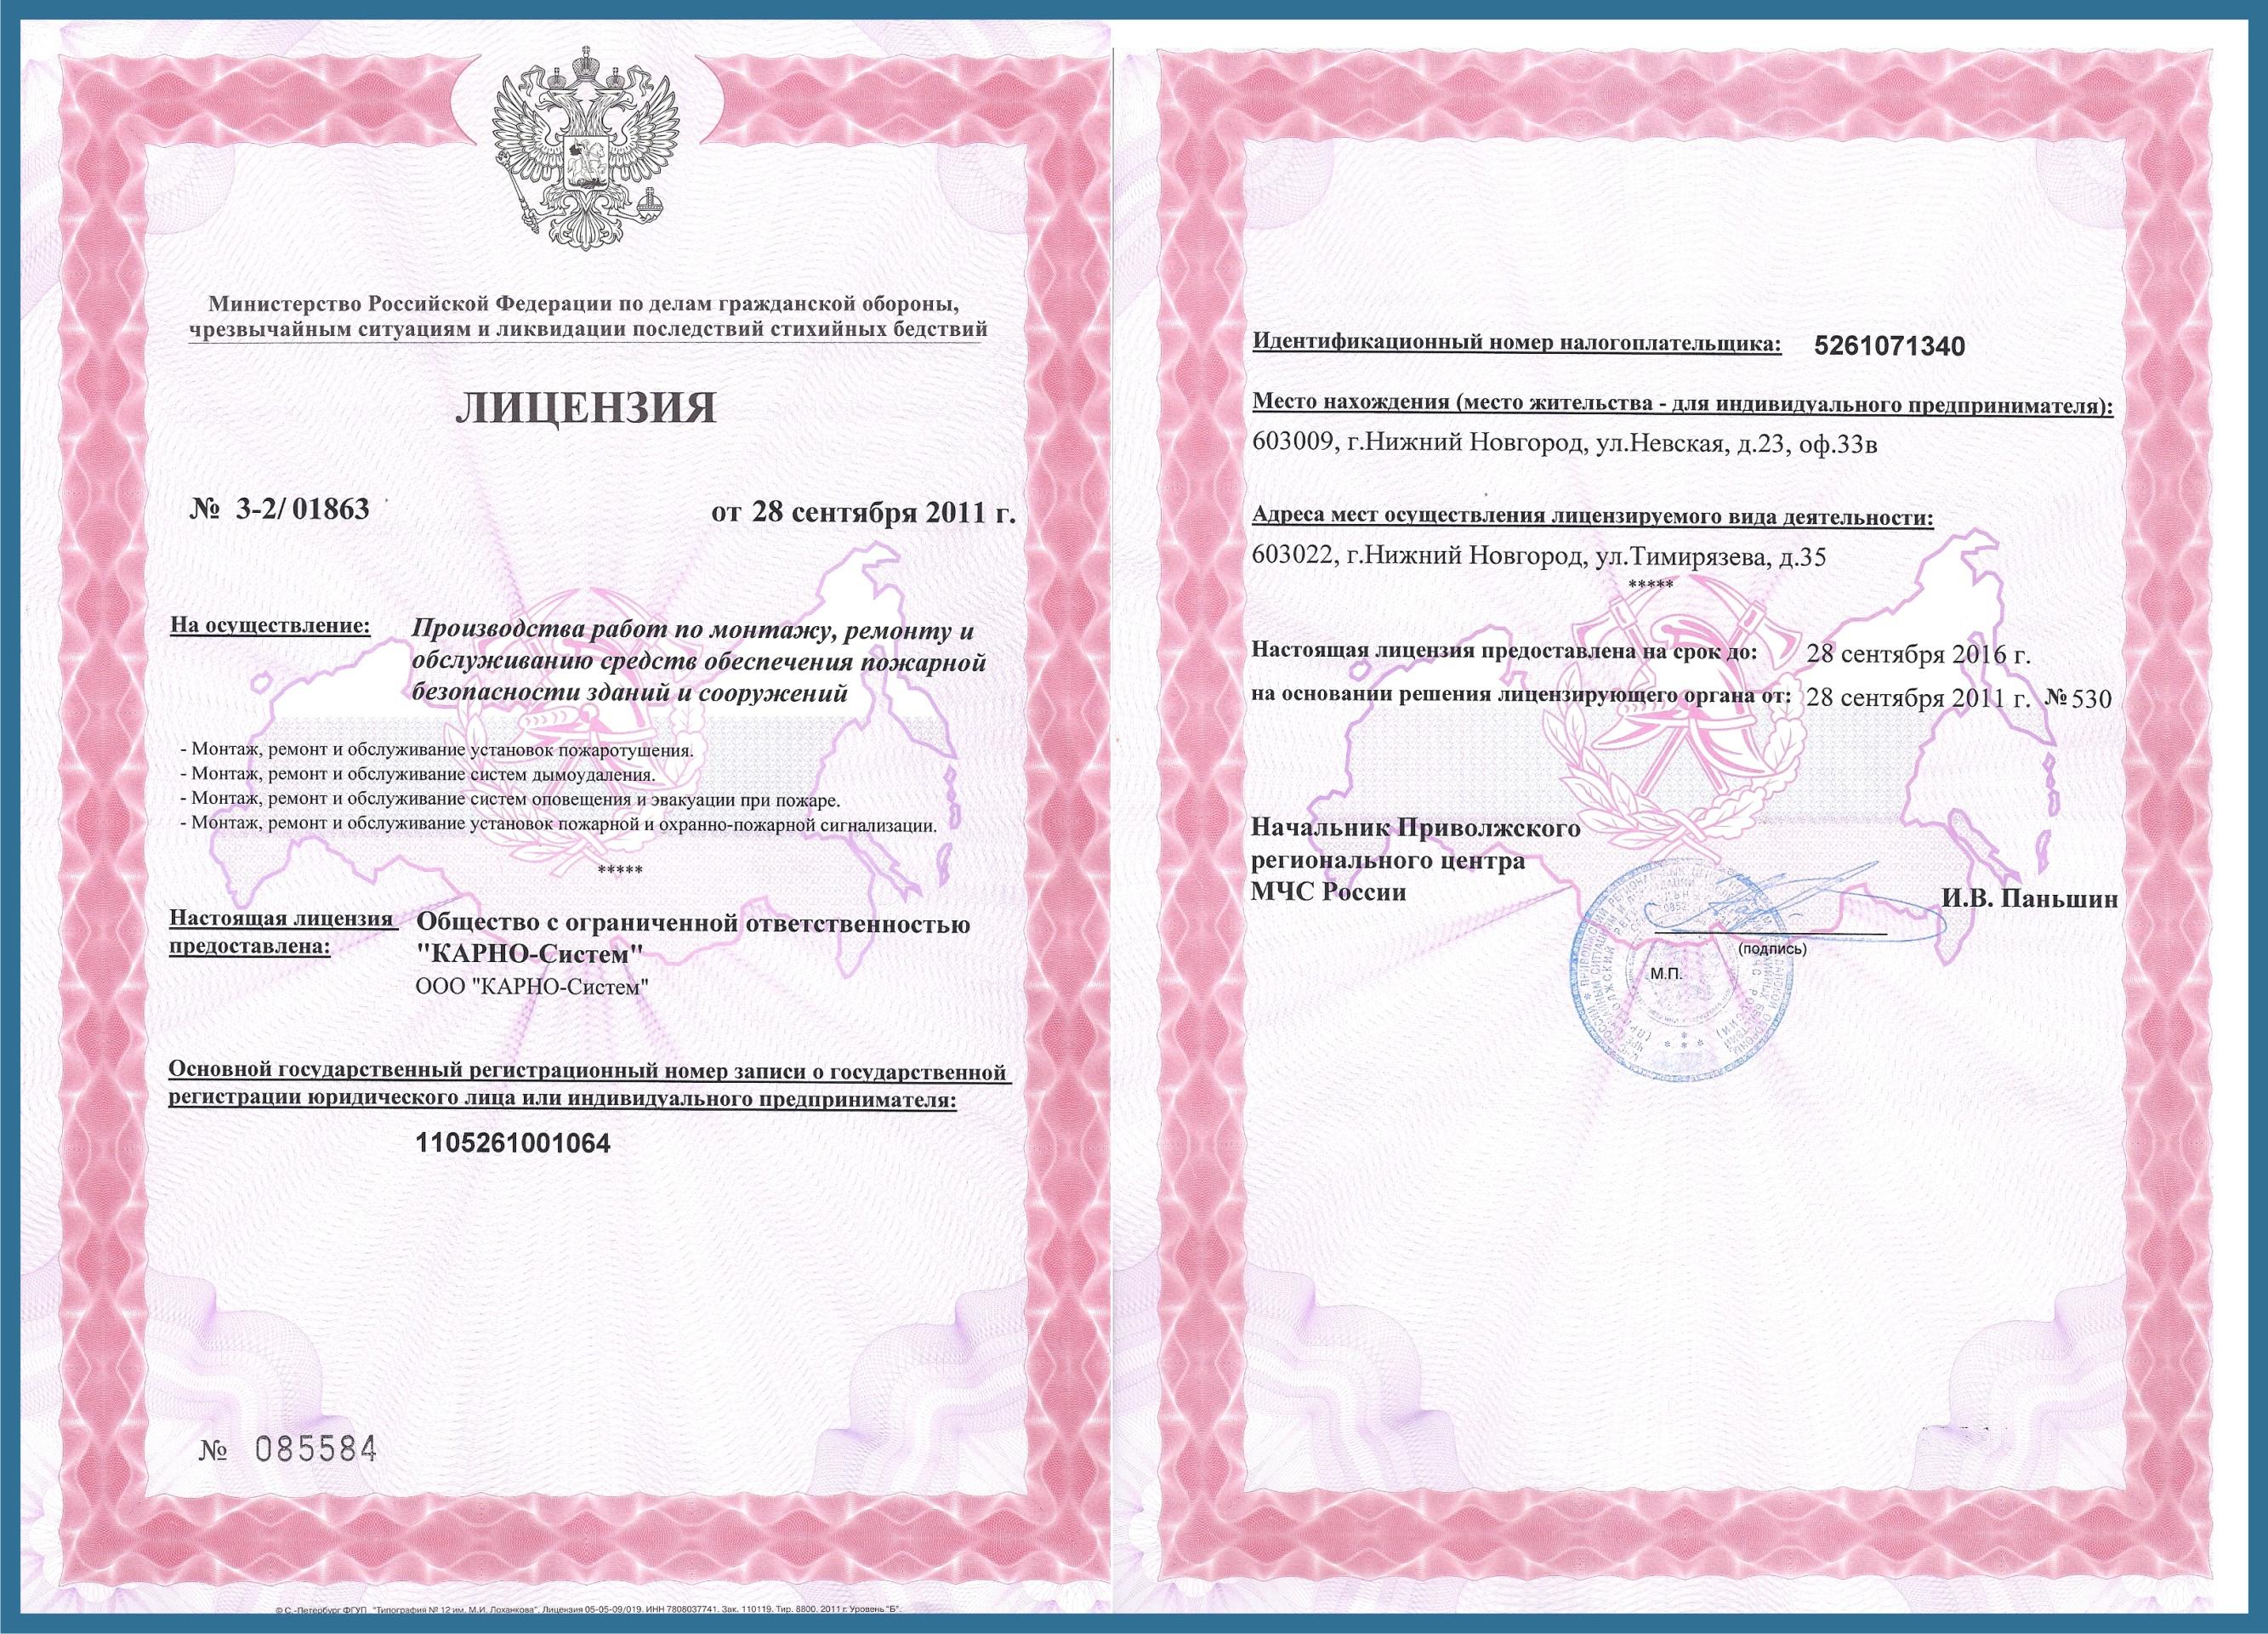 Получение лицензии МЧС в короткие сроки